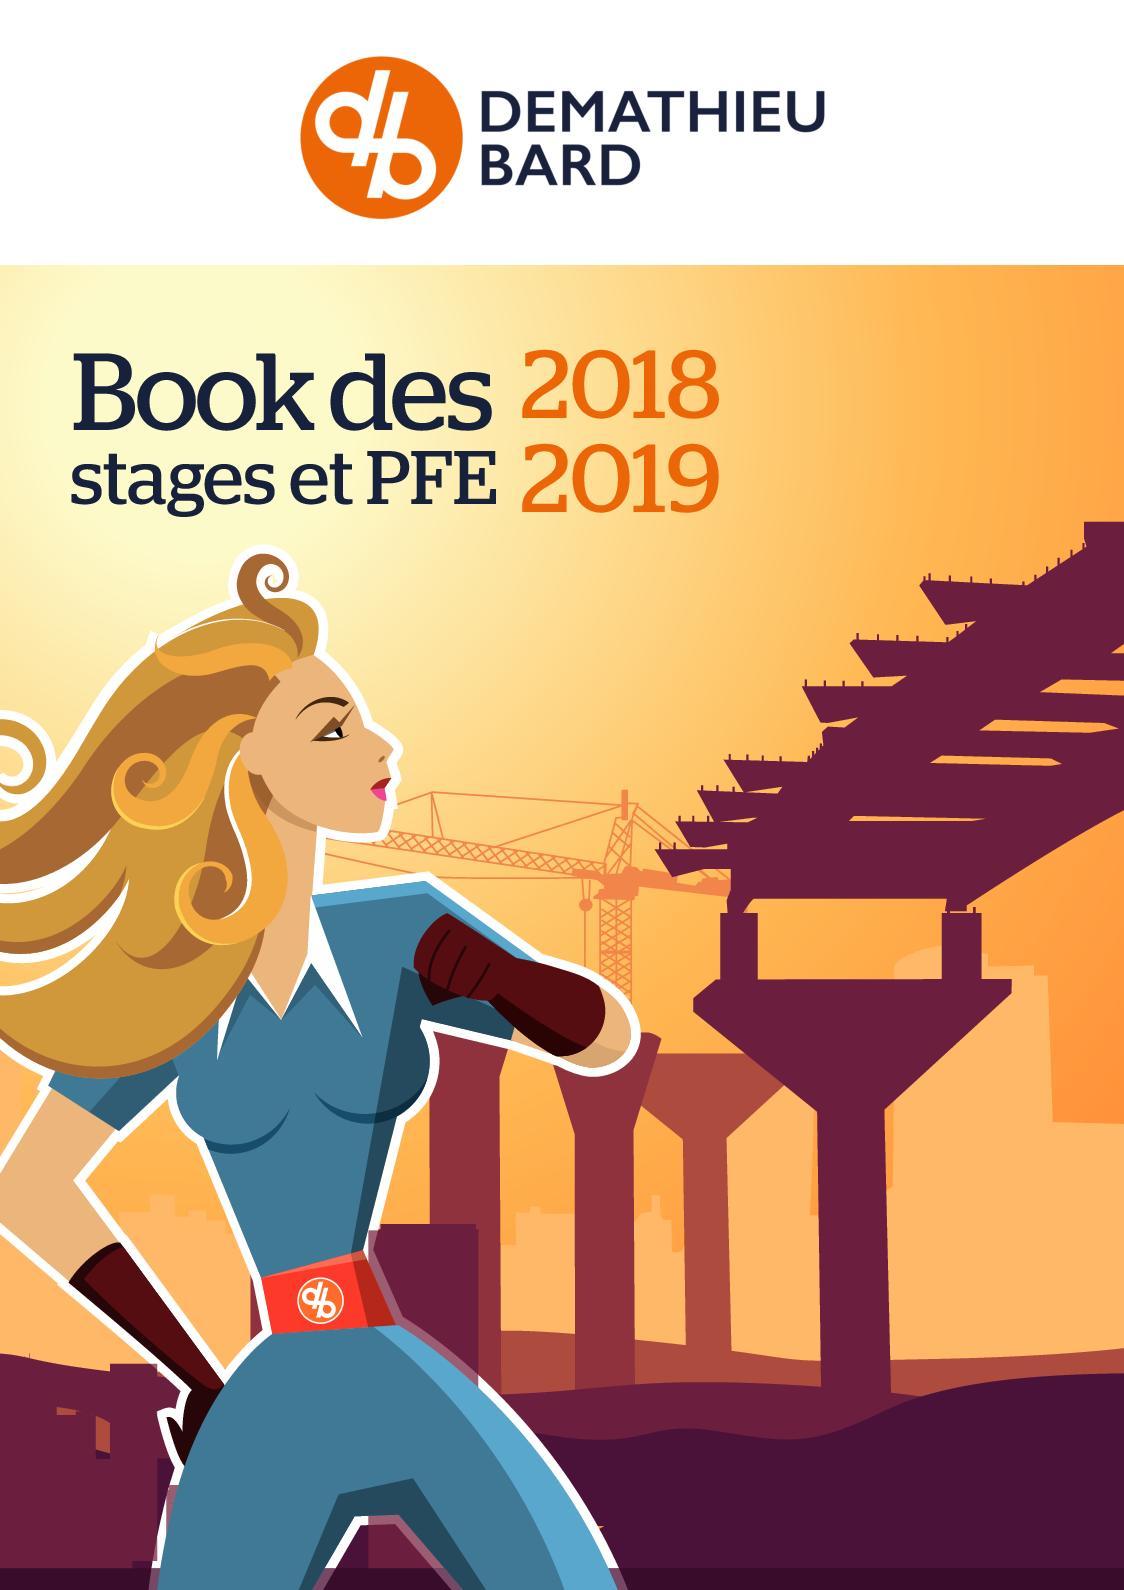 DEMATHIEU BARD - Offres de stages et projets de fin d'études - 2018 2019